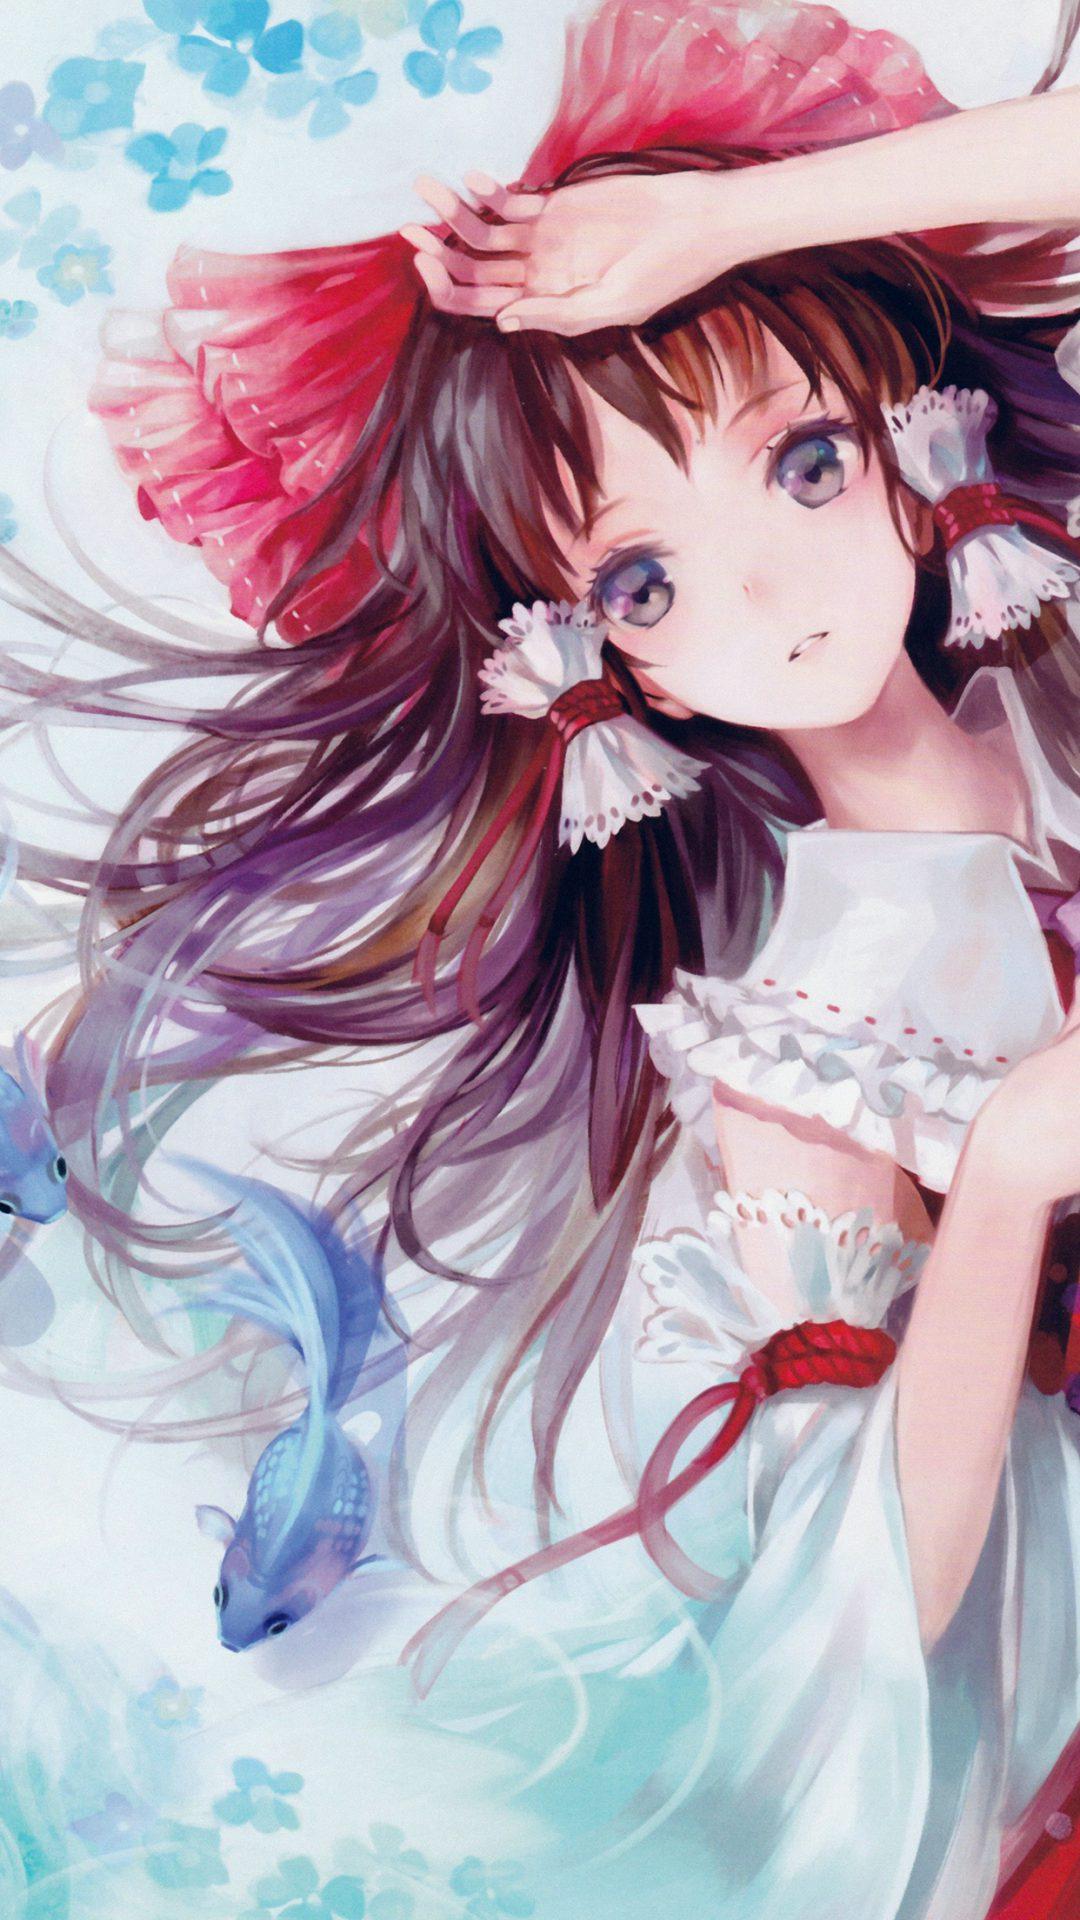 Anime Art Paint Girl Cute